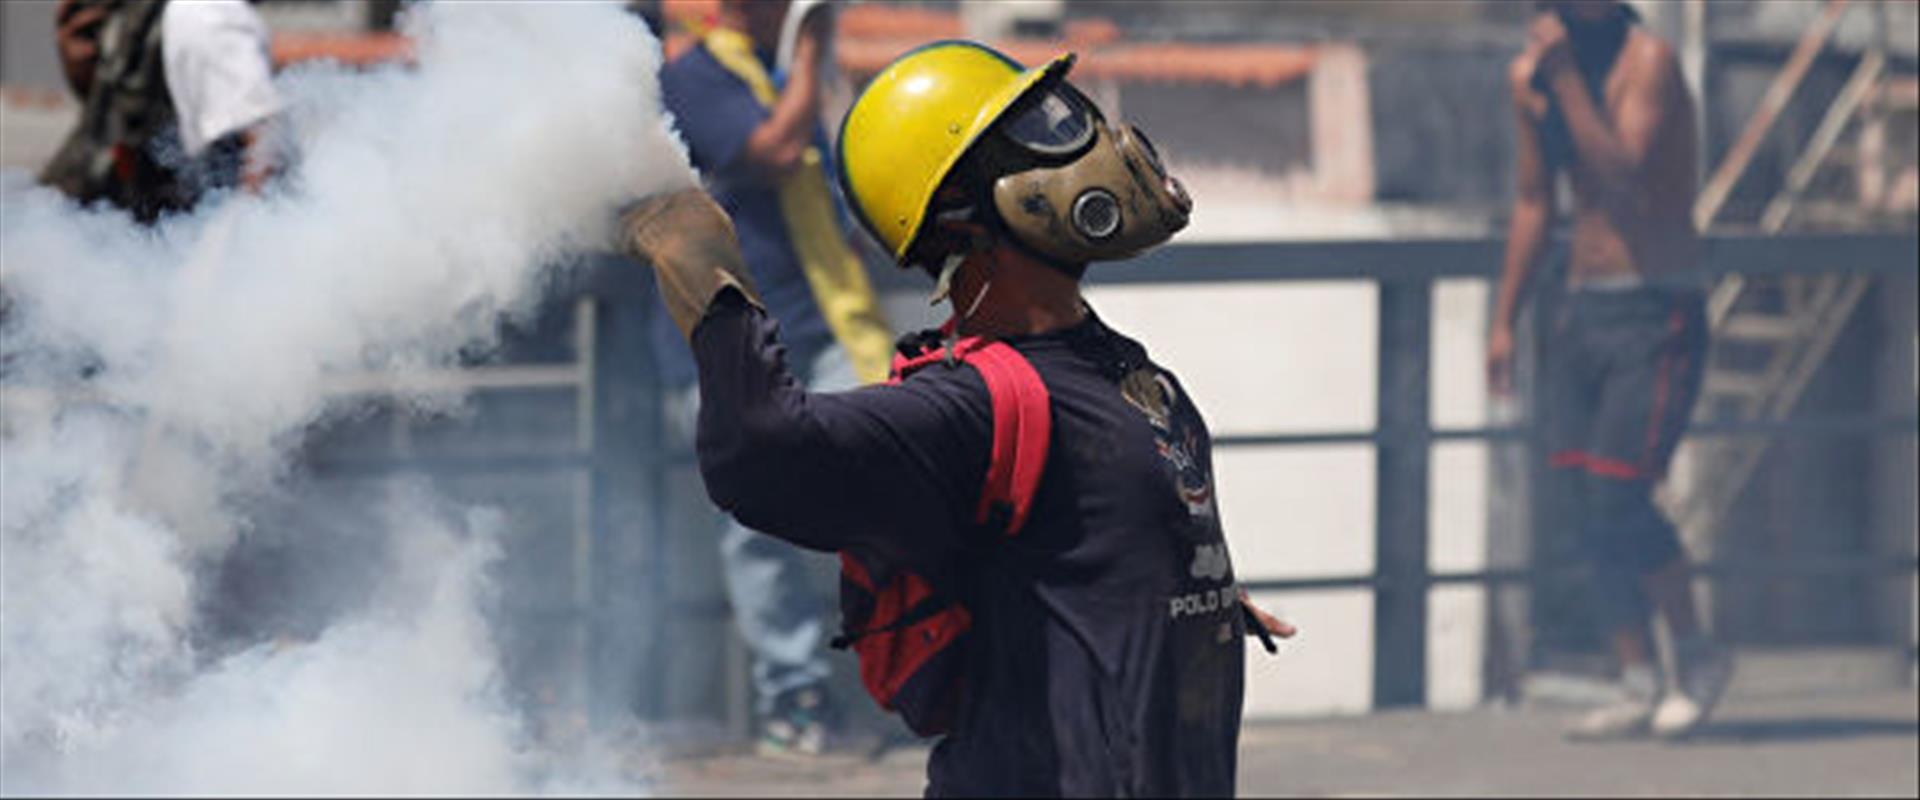 מפגין בוונצואלה